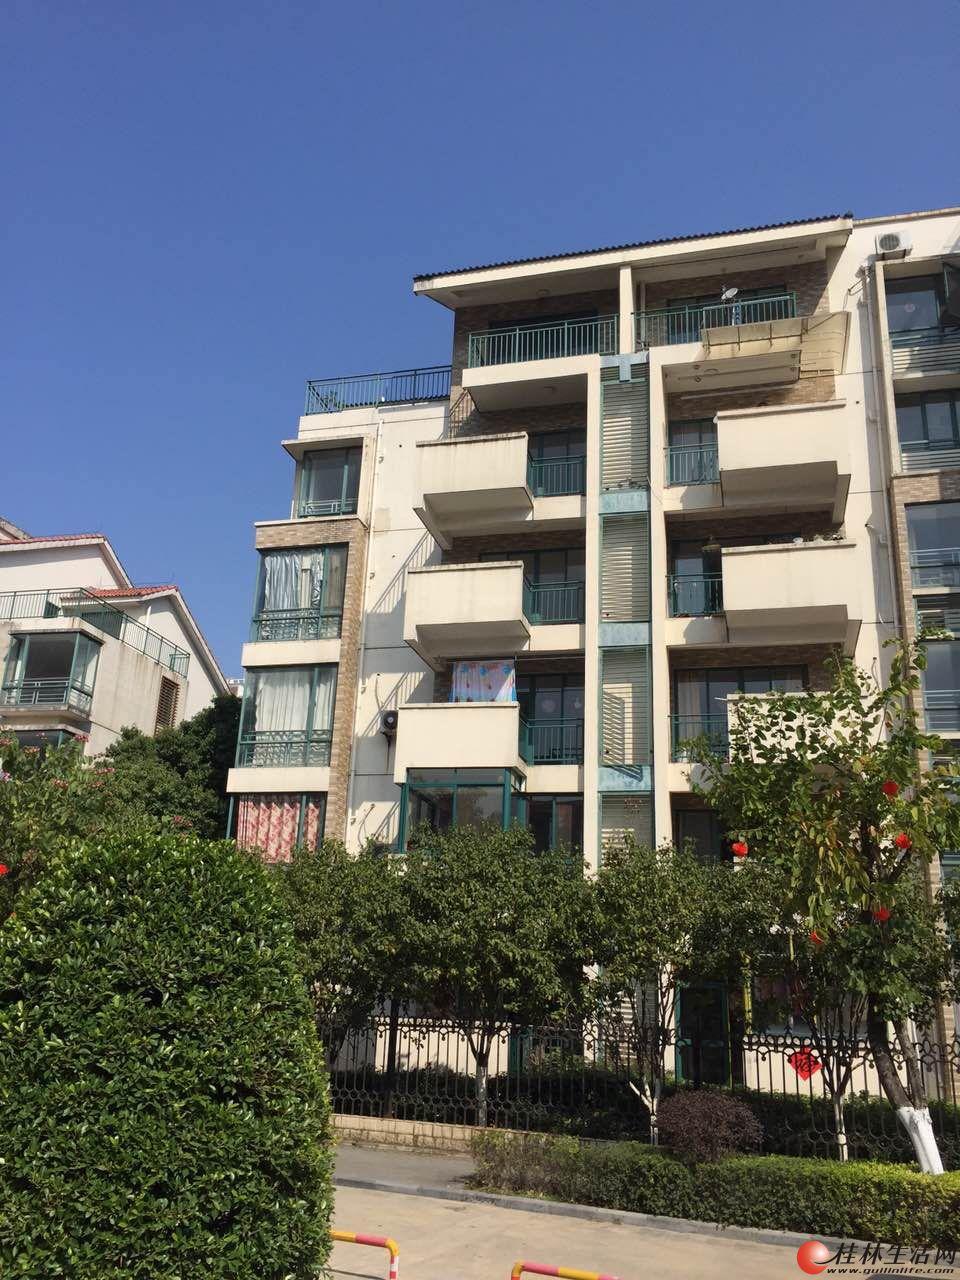 桂林奥林匹克花园 5室2厅2卫 大户型复式结构 带30平私人空中花园 直降7万,现价75万